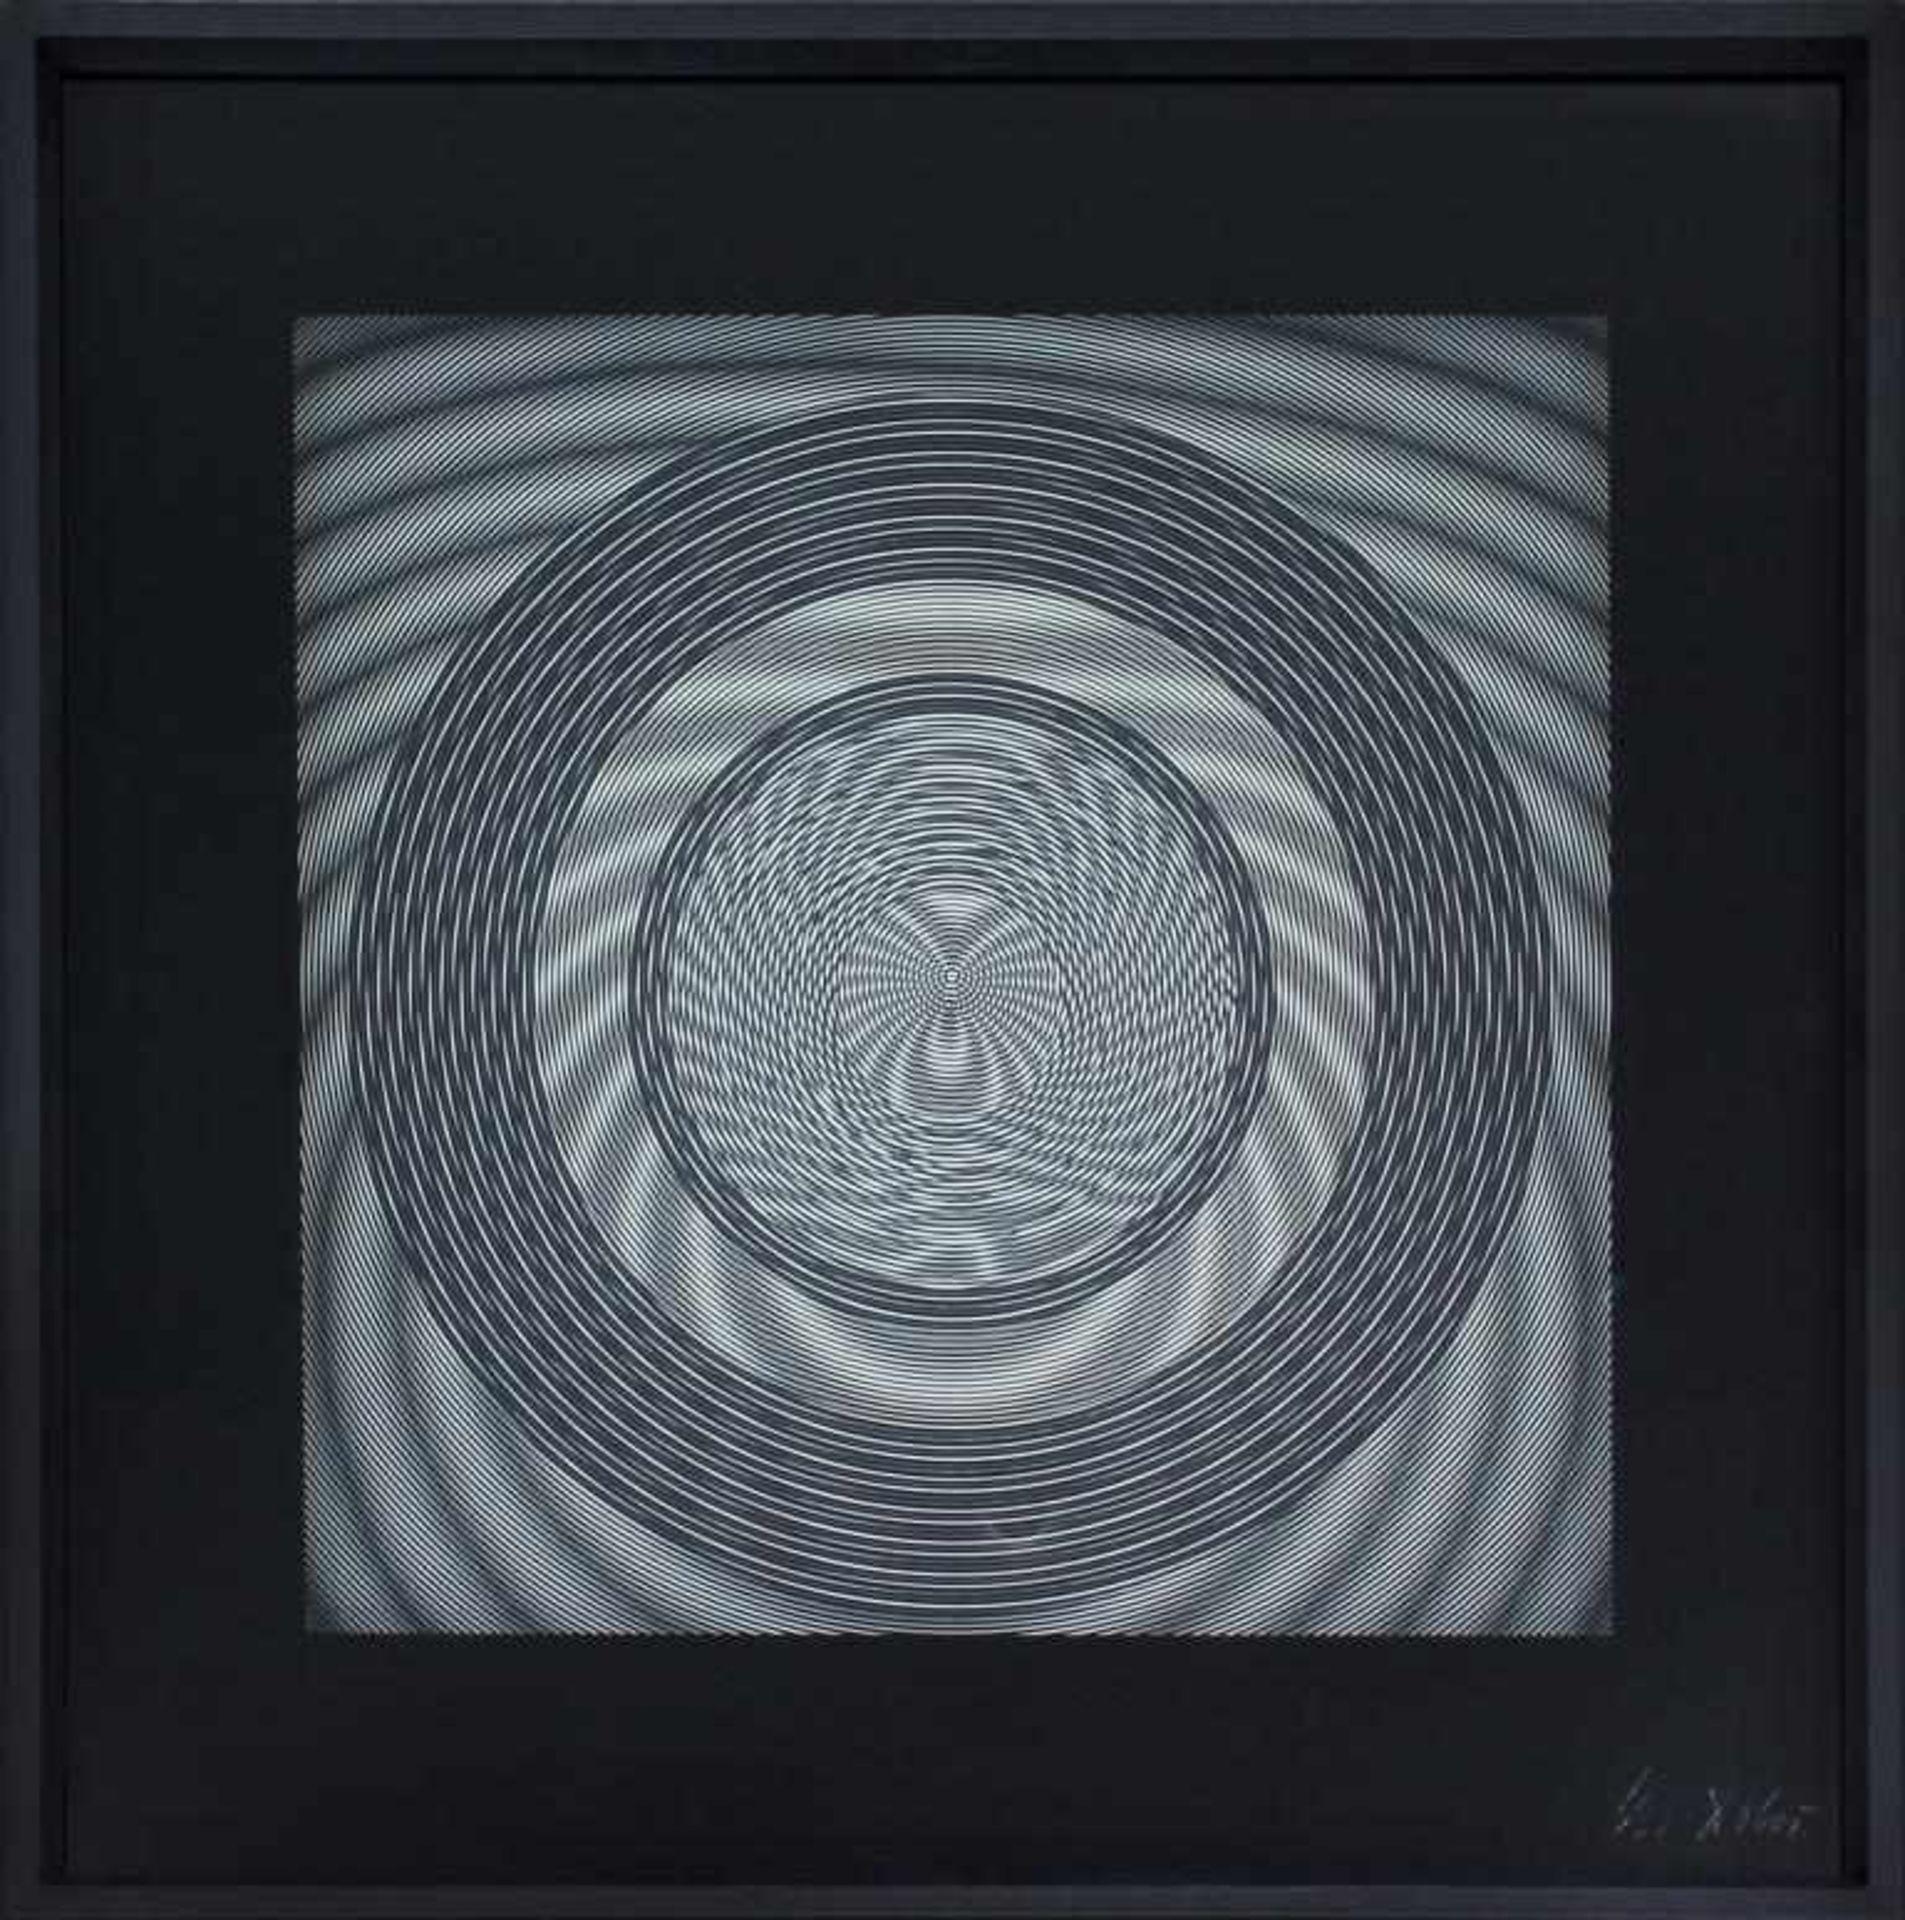 Los 10 - Dobes Milan (geb. 1929) Ohne Titel 1967 Reliefstruktur handsigniert und datiert 50 x 50 cm